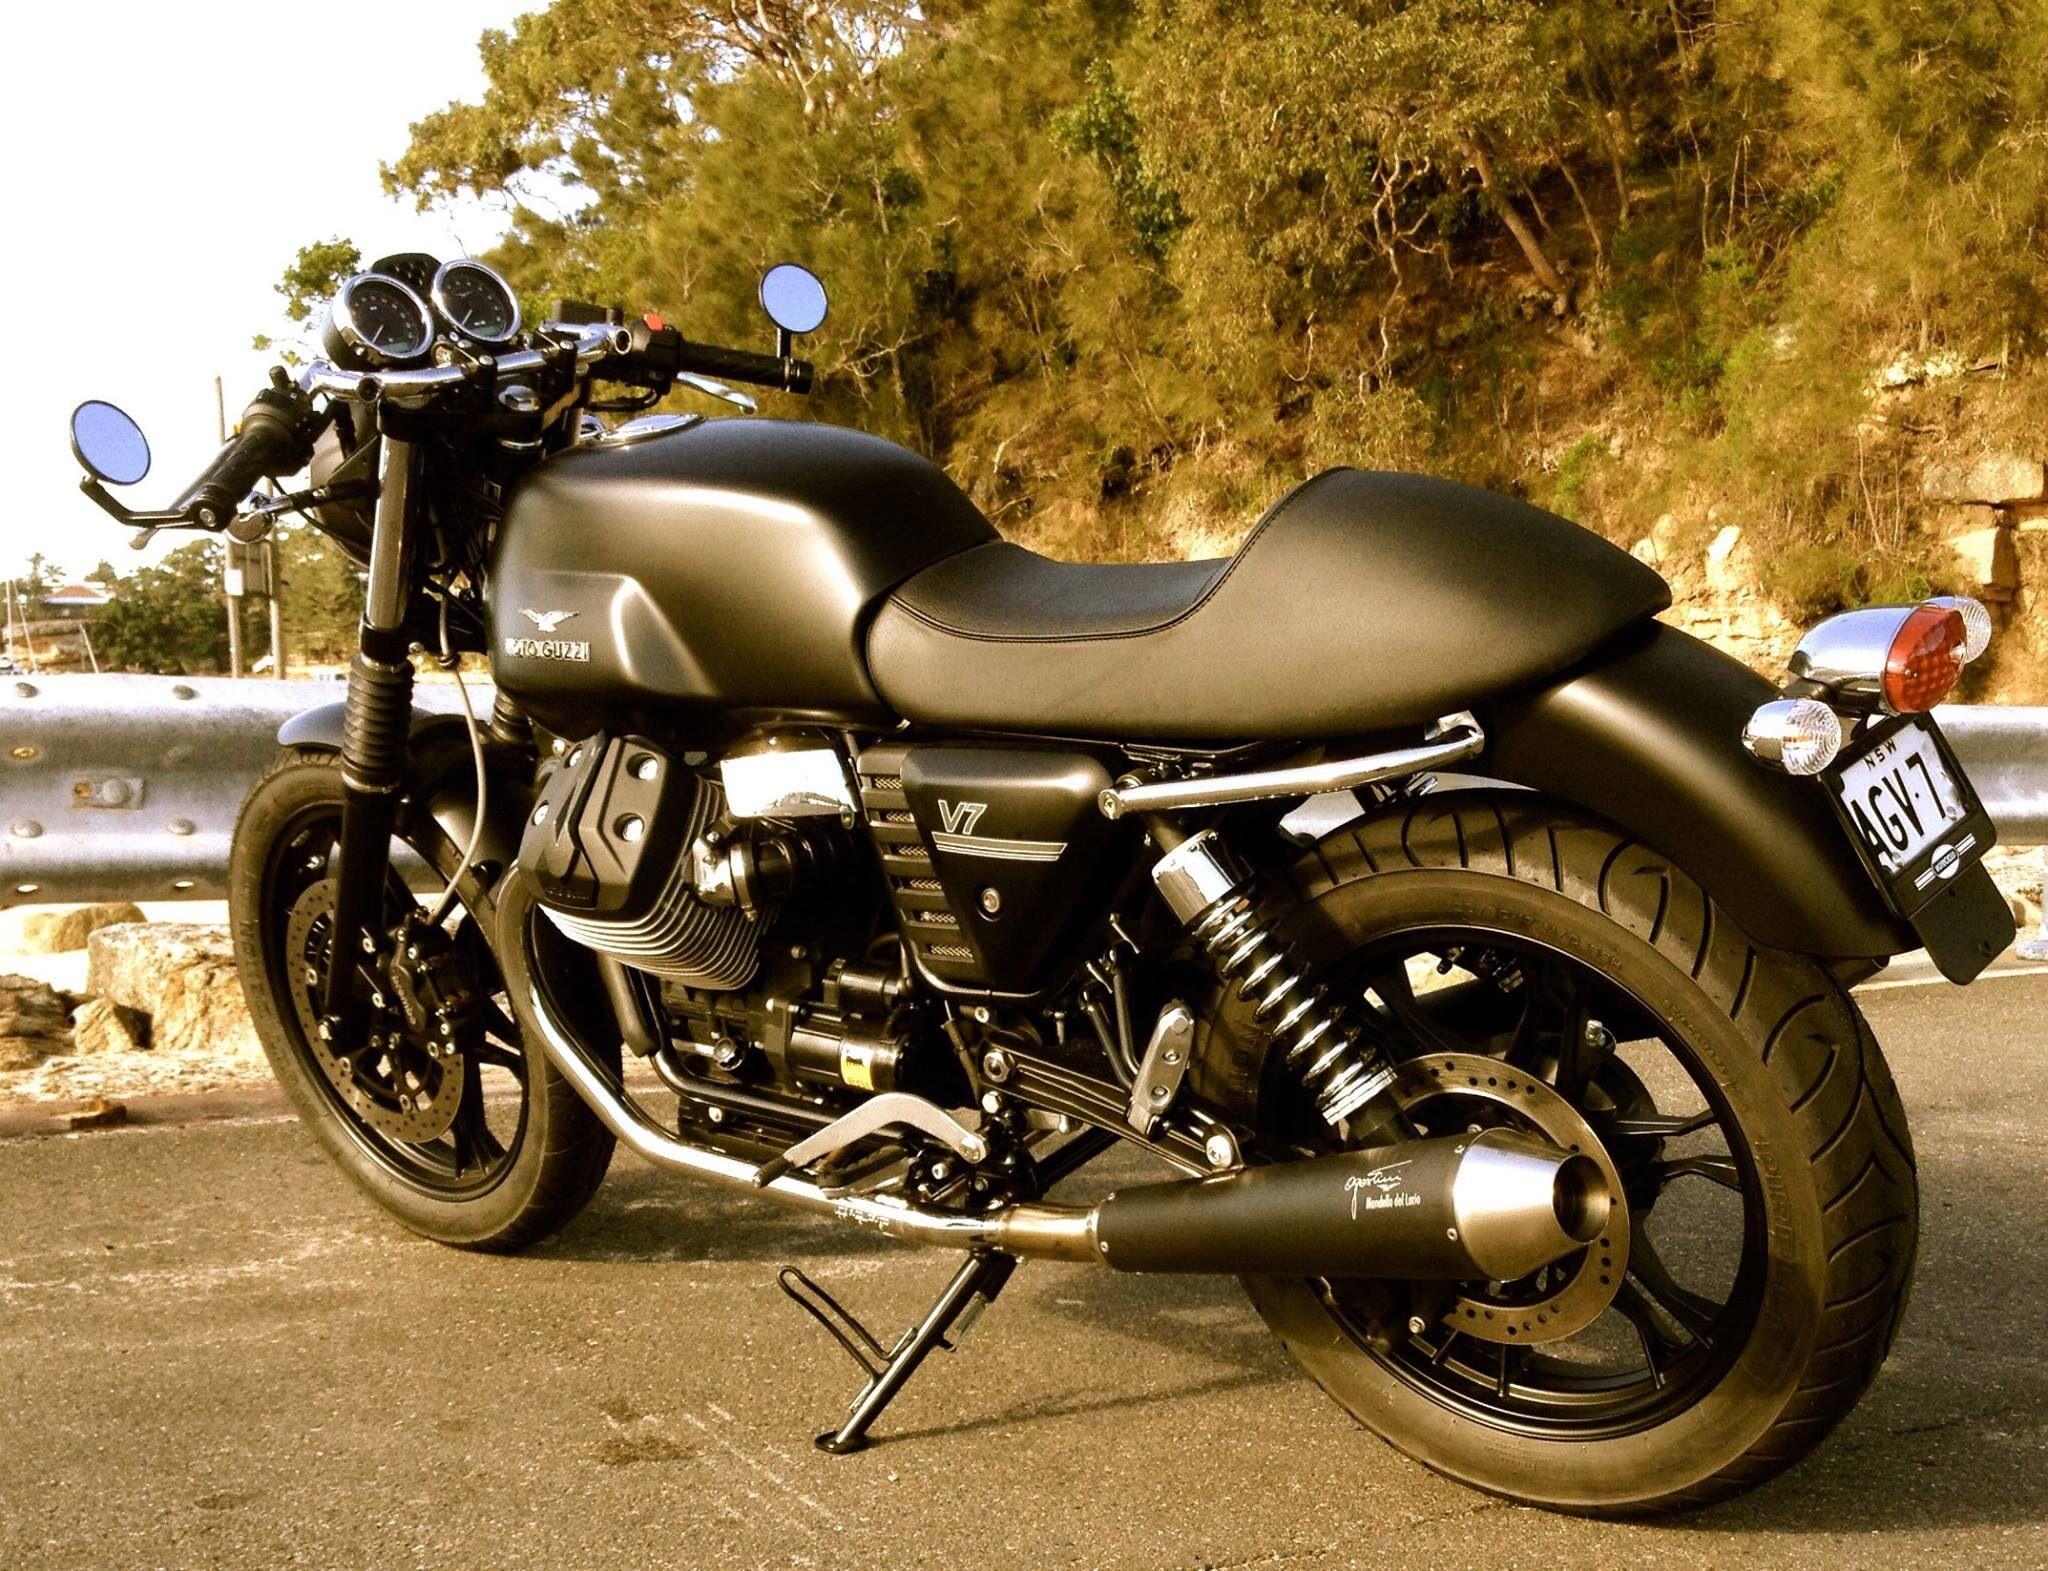 moto guzzi v7 stone cafe racer moto guzzi v7 moto. Black Bedroom Furniture Sets. Home Design Ideas